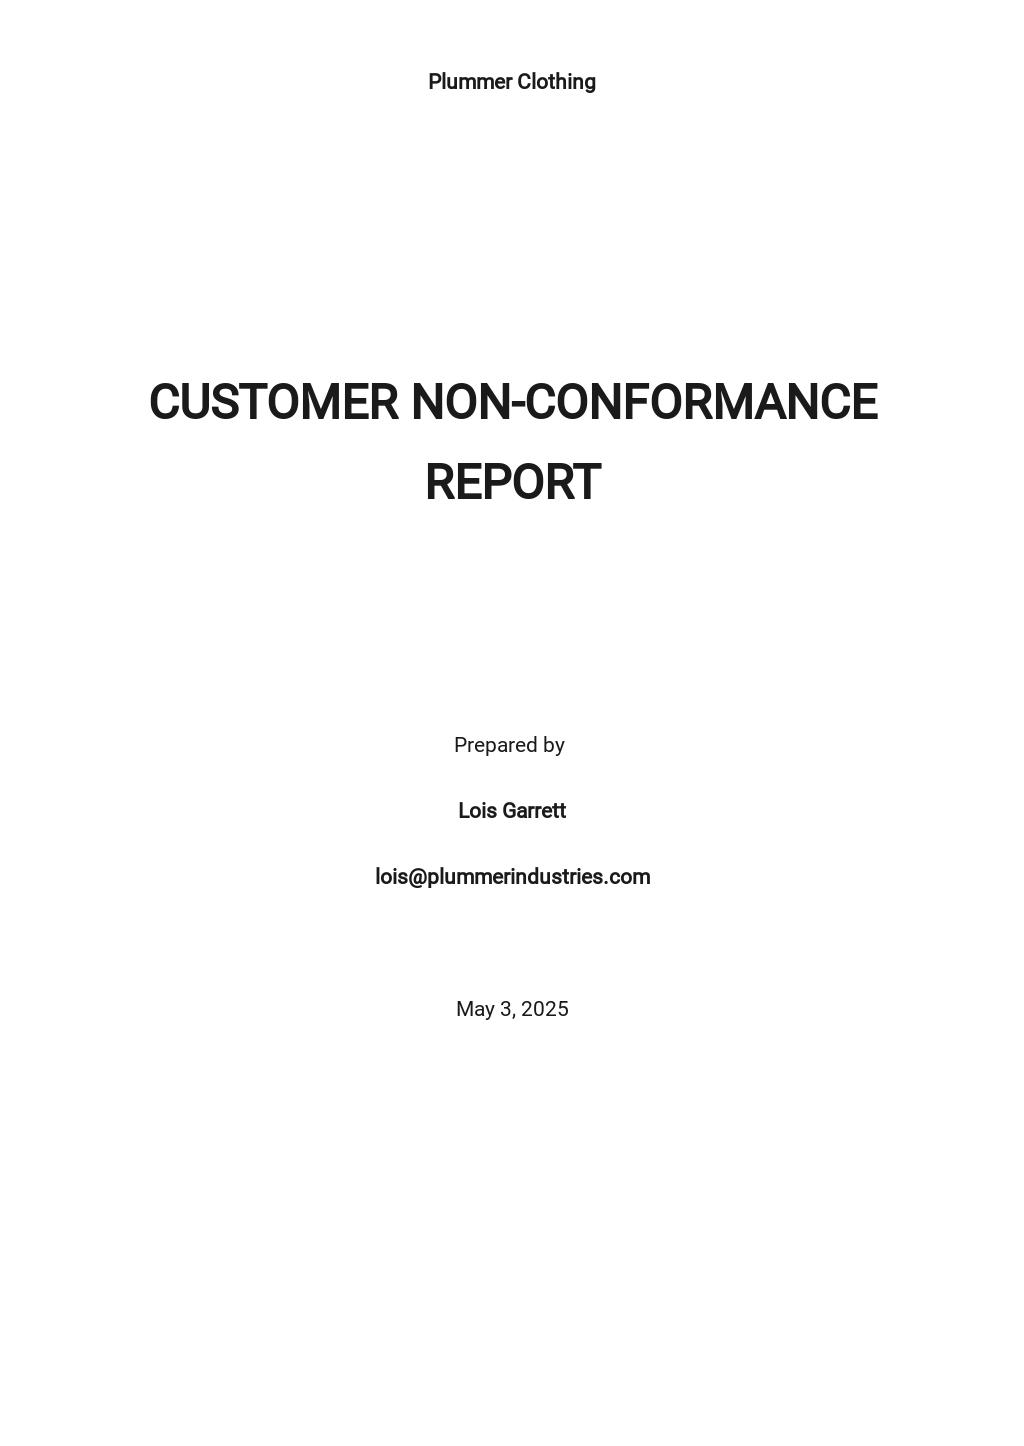 Customer Non-Conformance Report Template